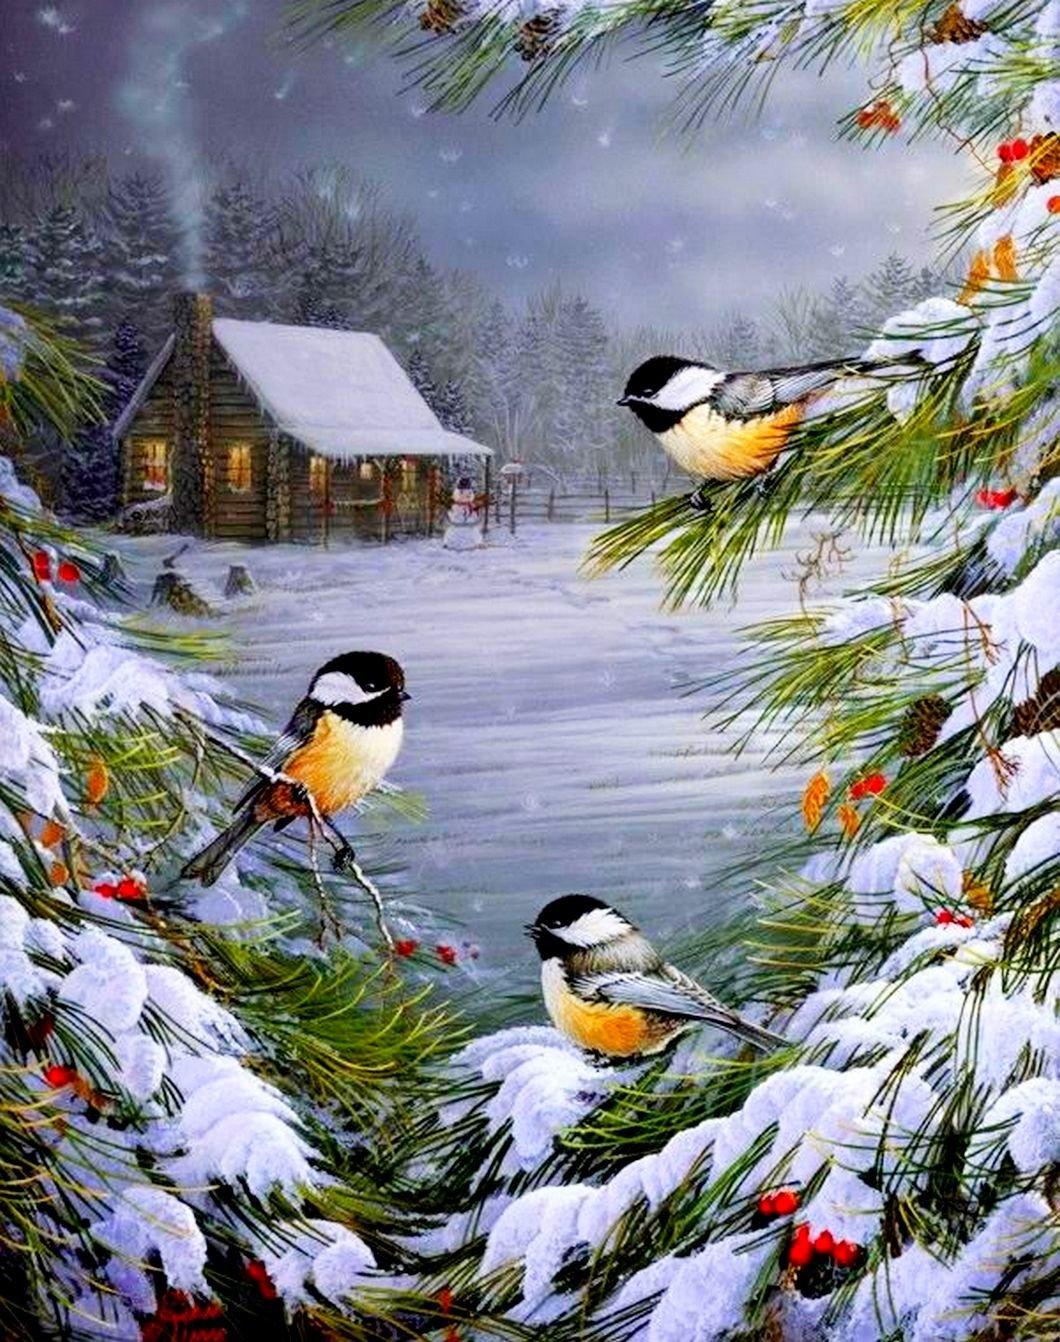 Открытка, анимационные открытки зимние январские